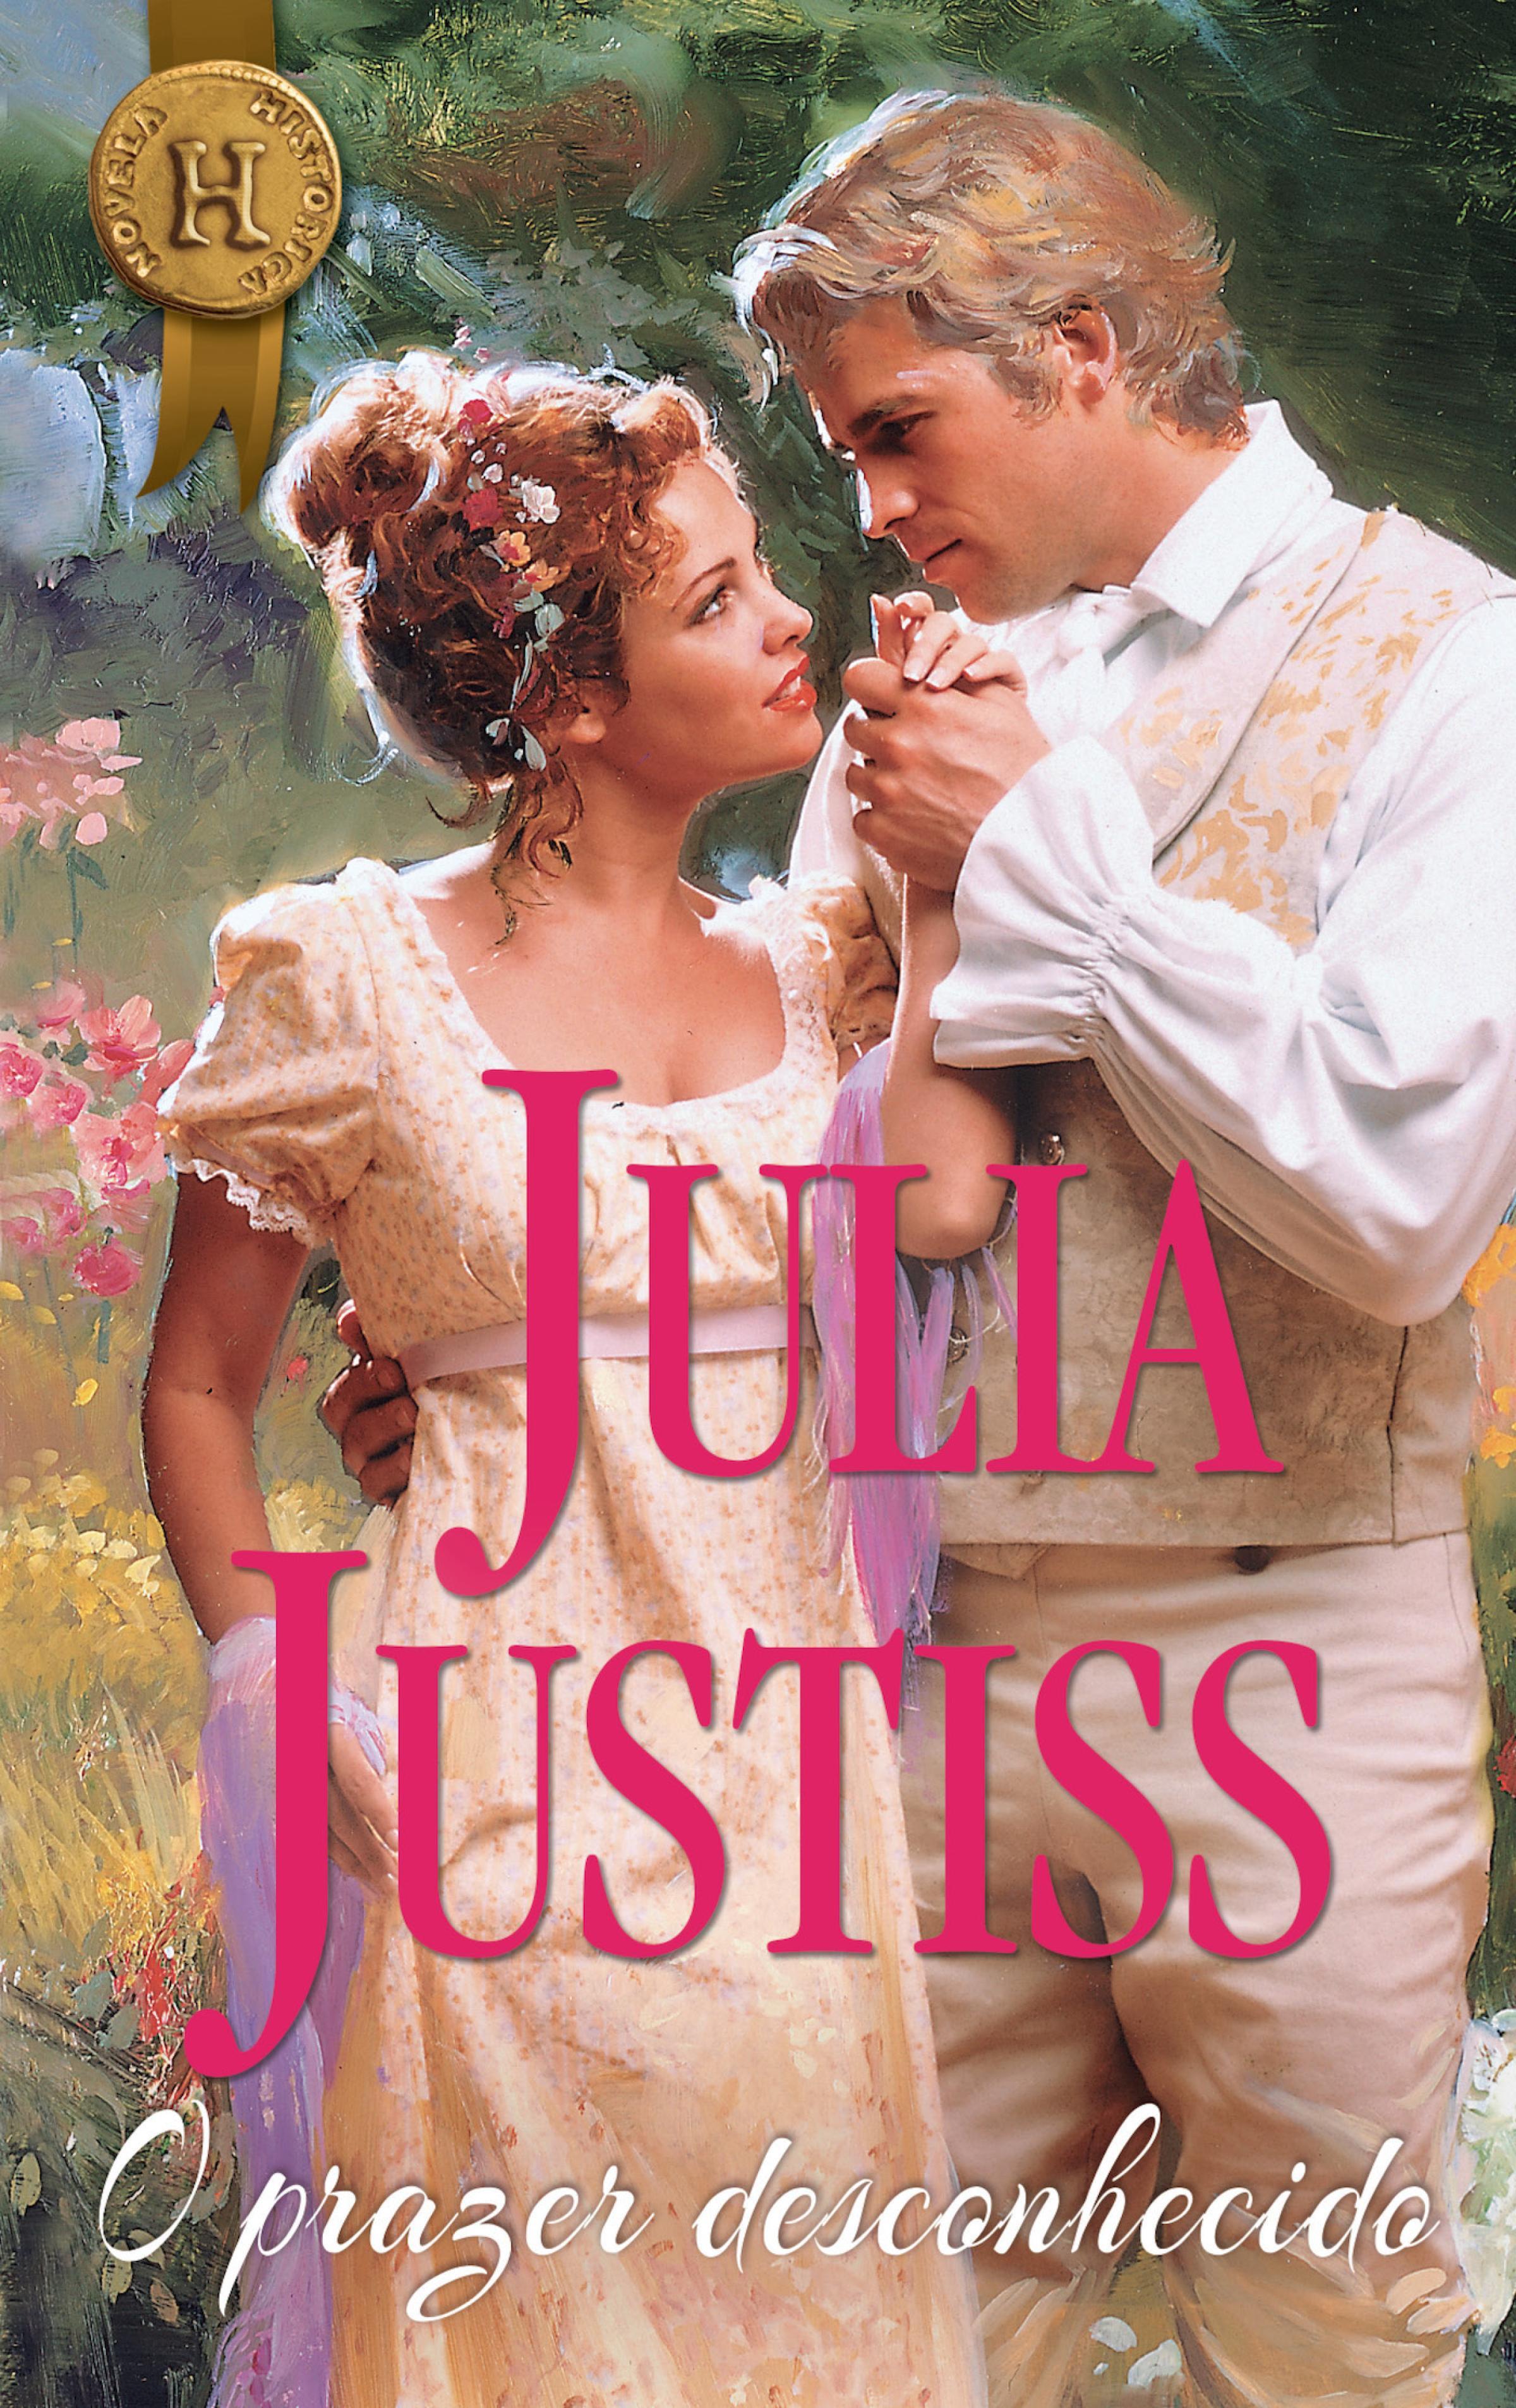 Julia Justiss O prazer desconhecido недорого